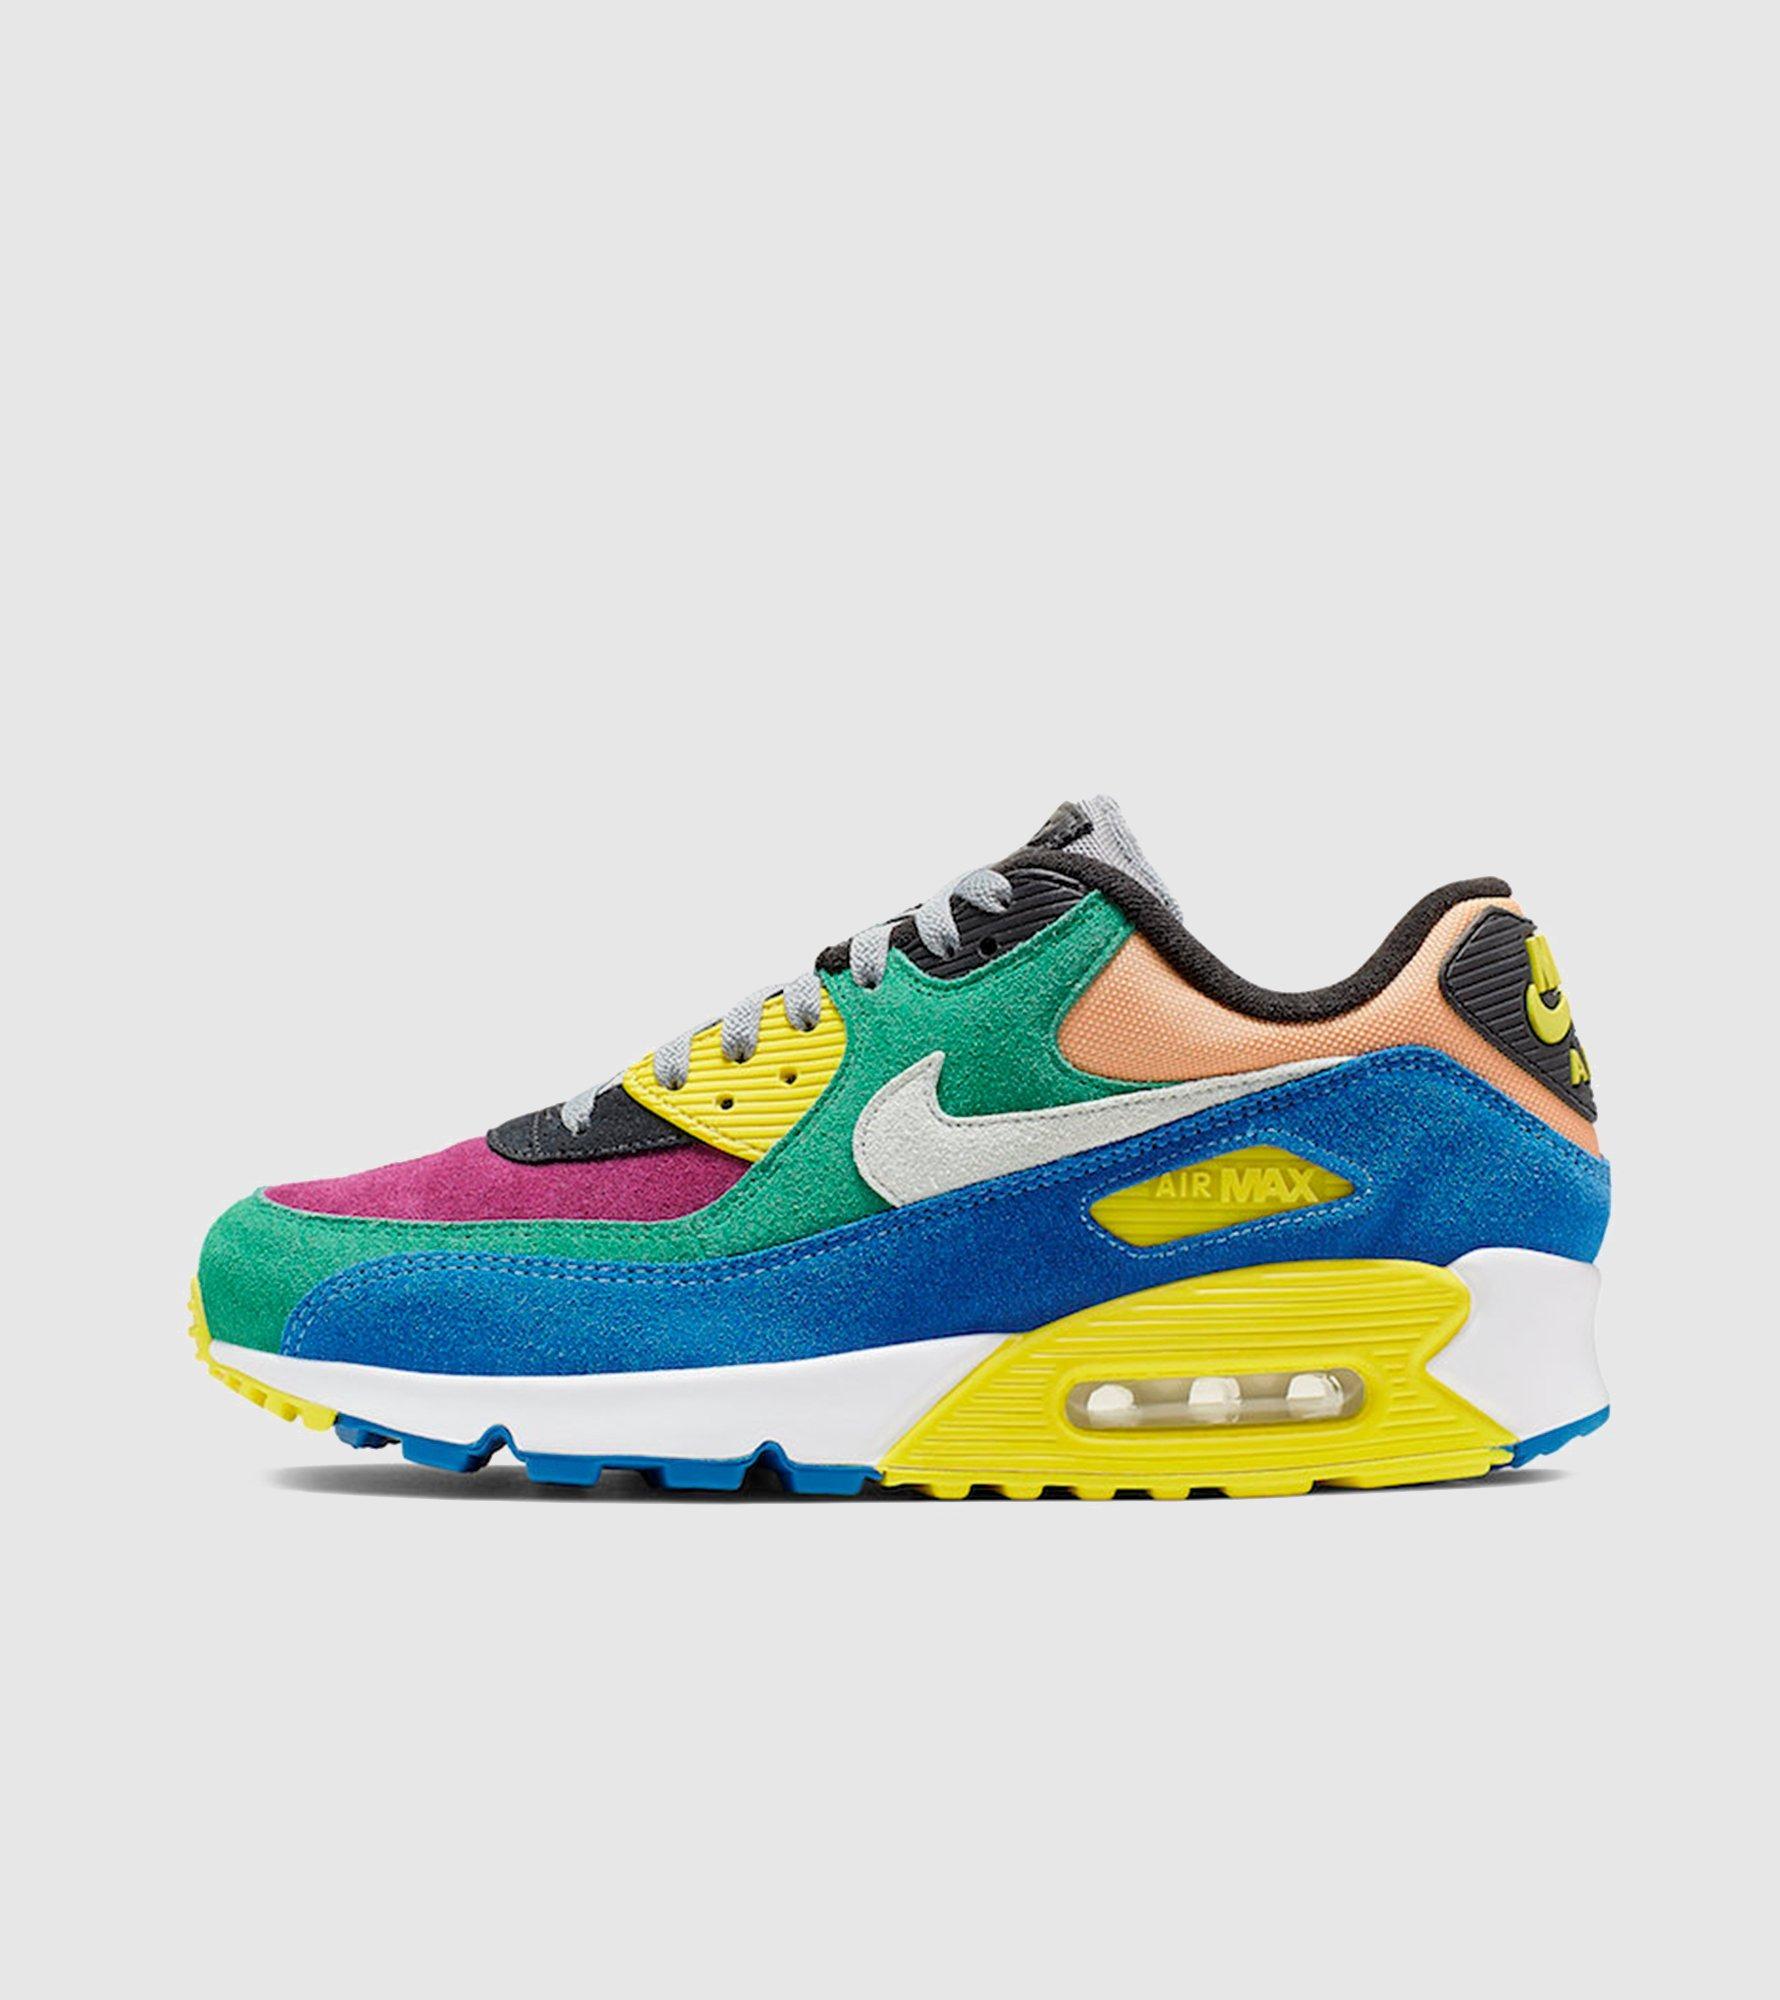 Nike Air Max 90 QS *Viotech*